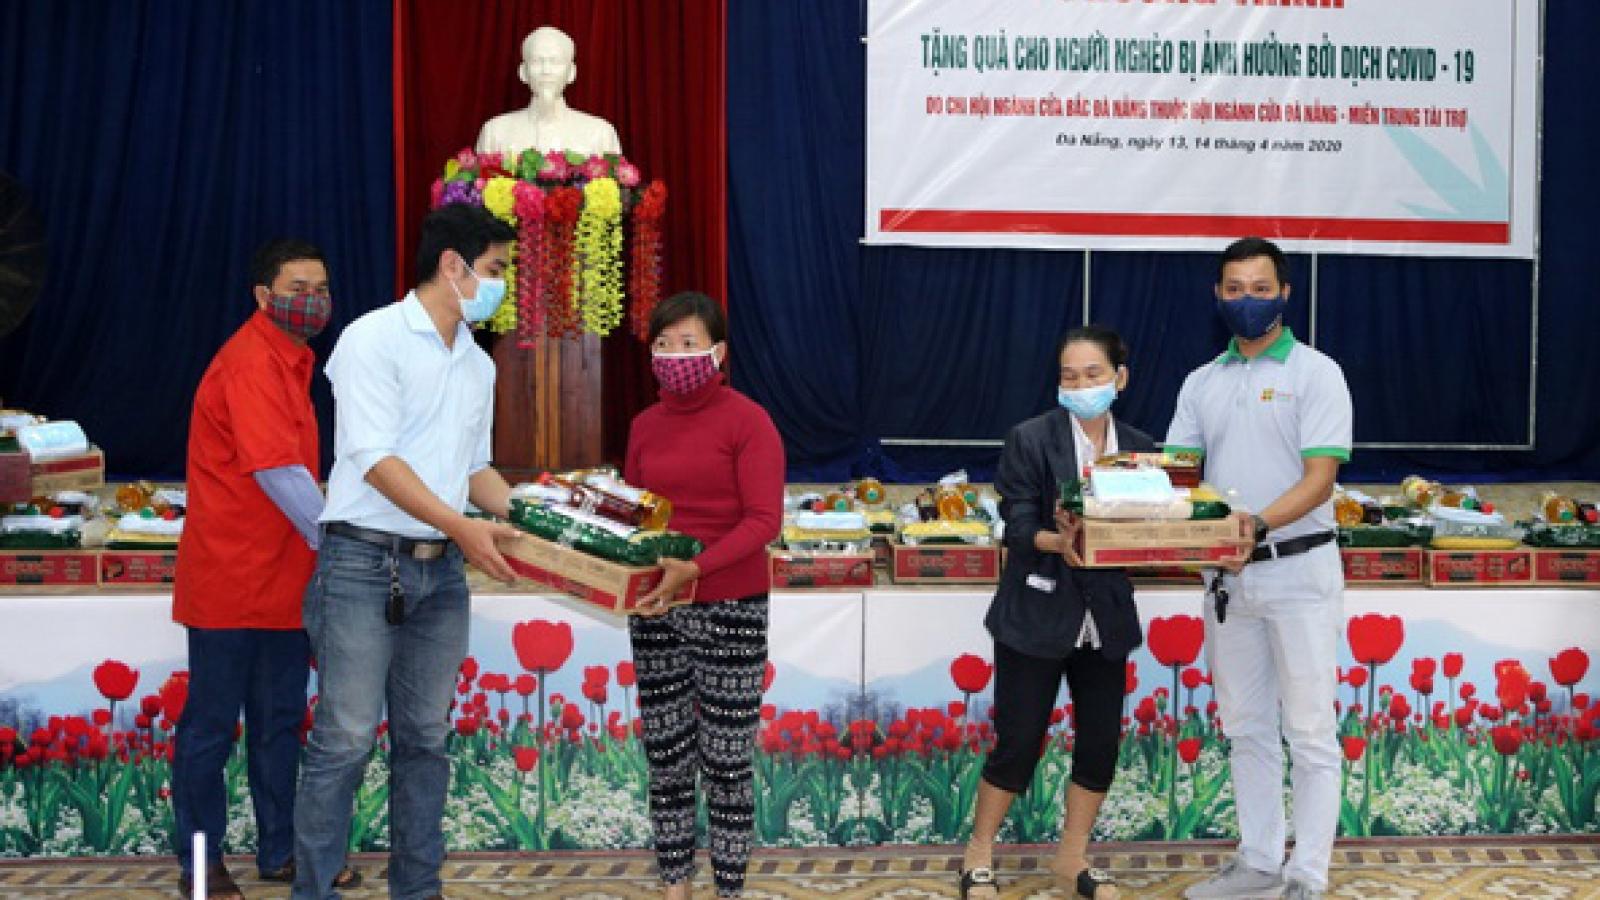 Hội Chữ thập đỏ Đà Nẵng huy động hơn 1 tỷ đồng hỗ trợ chống dịch